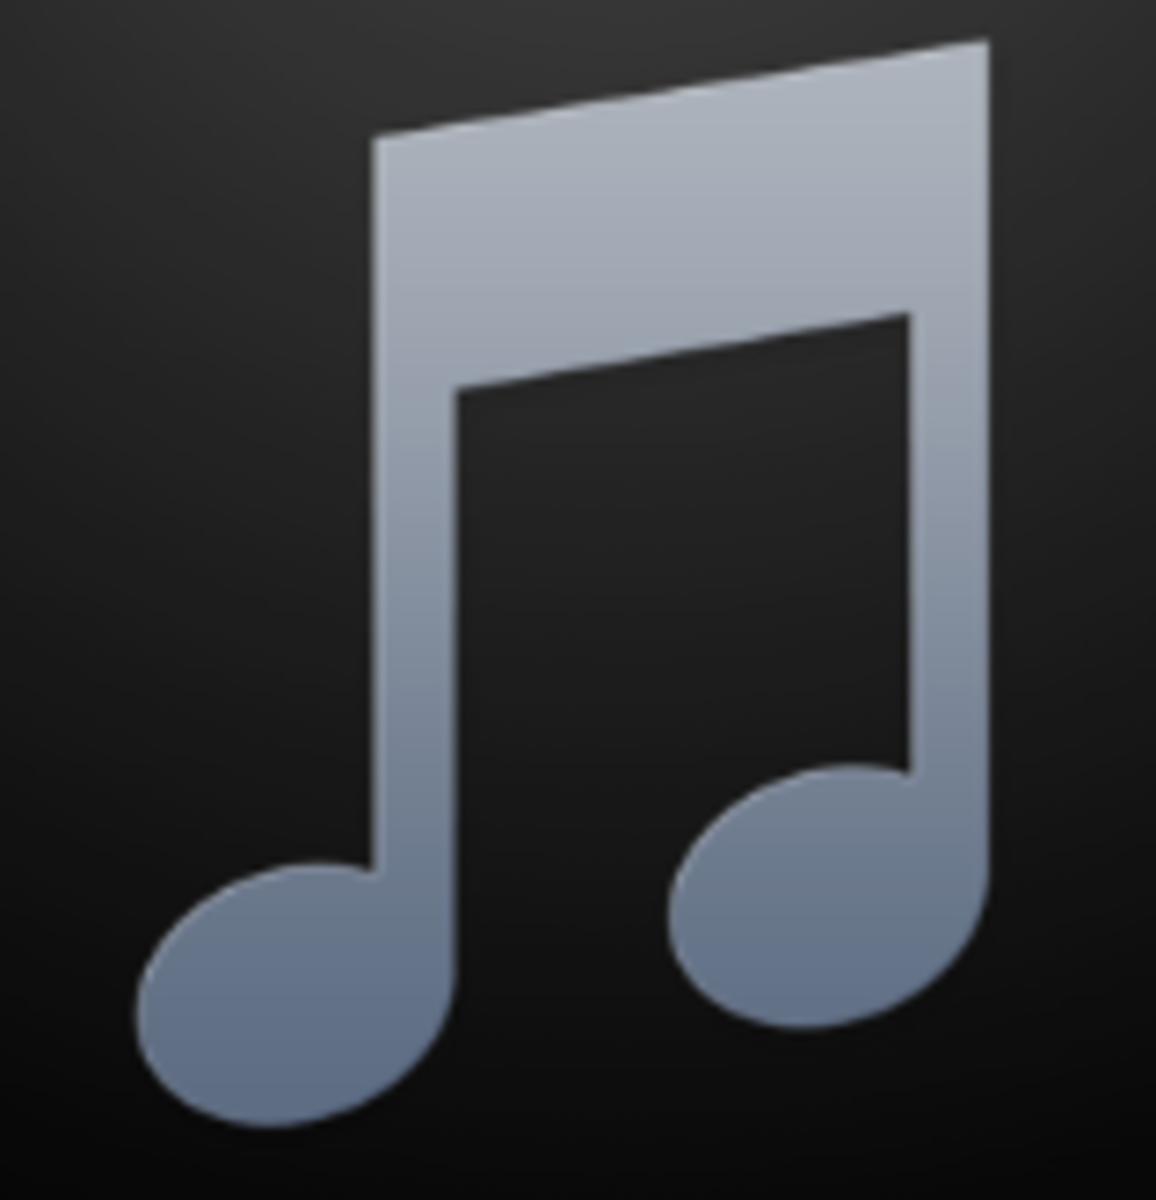 iTunes, Apple, Inc